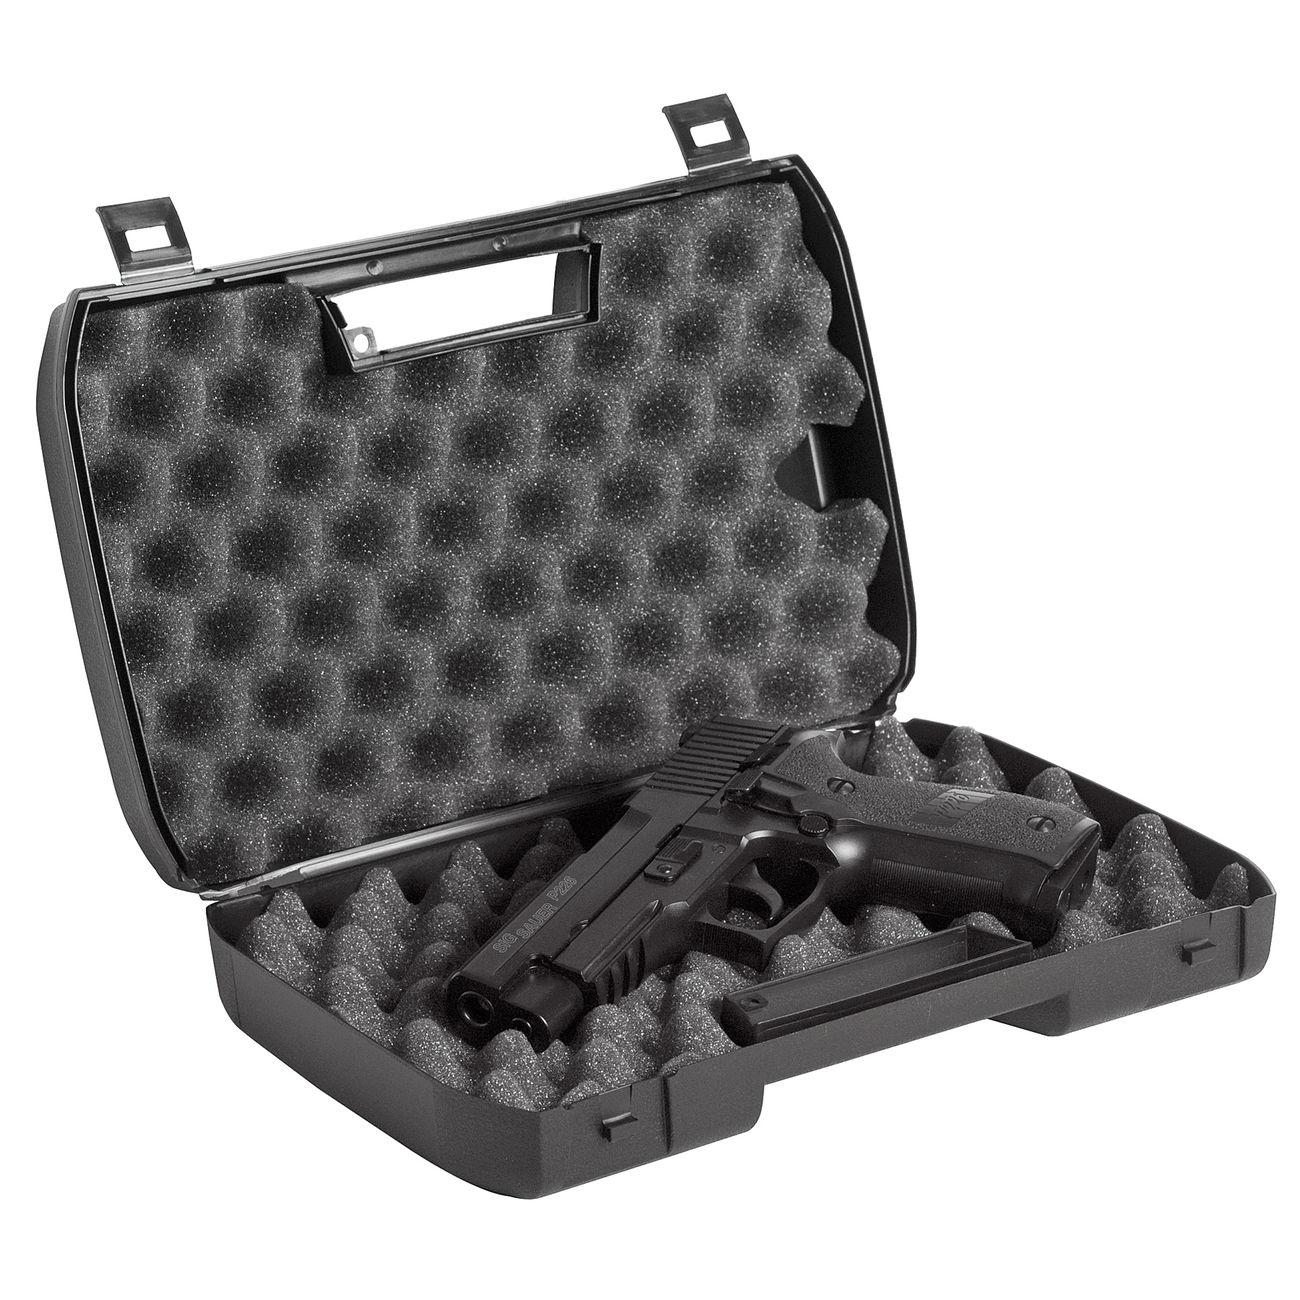 LxHxT g8ds Pistolenkoffer Waffenkoffer Small schlagfester Kunststoff mit Schaumstoffeinlage 23,0 x 15,0 x 6,0 cm